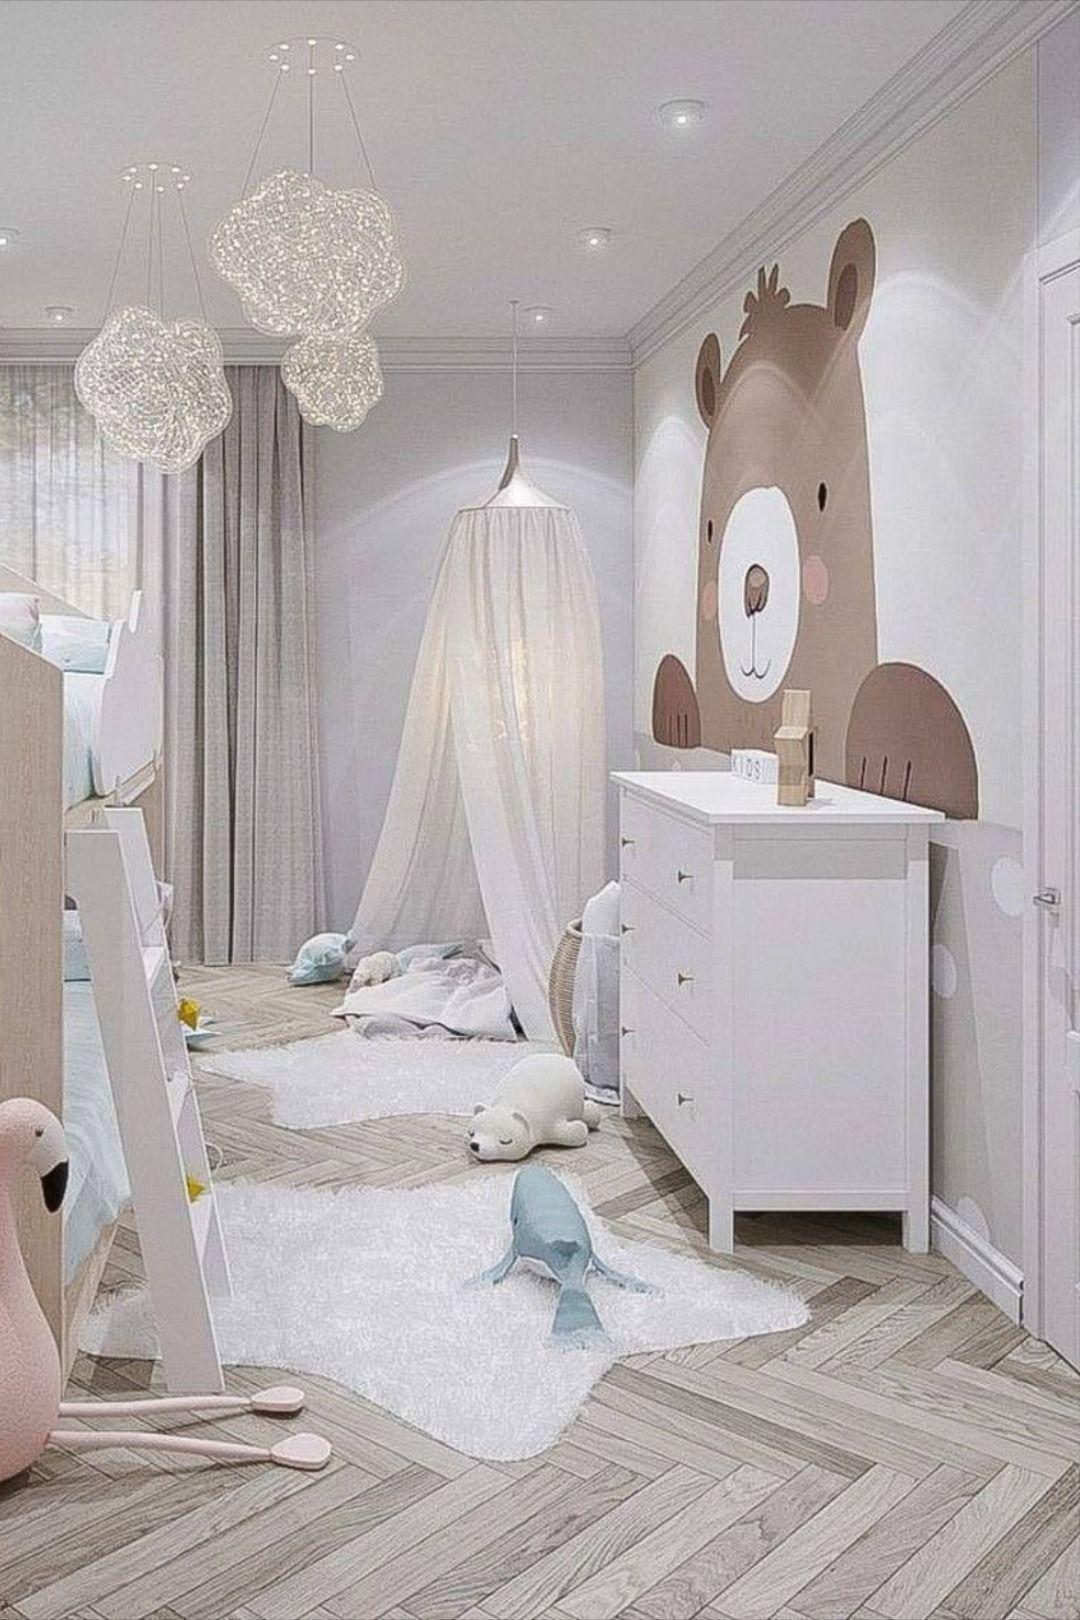 Luxury Baby Room Designs In 2021 Nursery Room Inspiration Kids Bedroom Inspiration Luxury Baby Room Luxury baby bedroom design